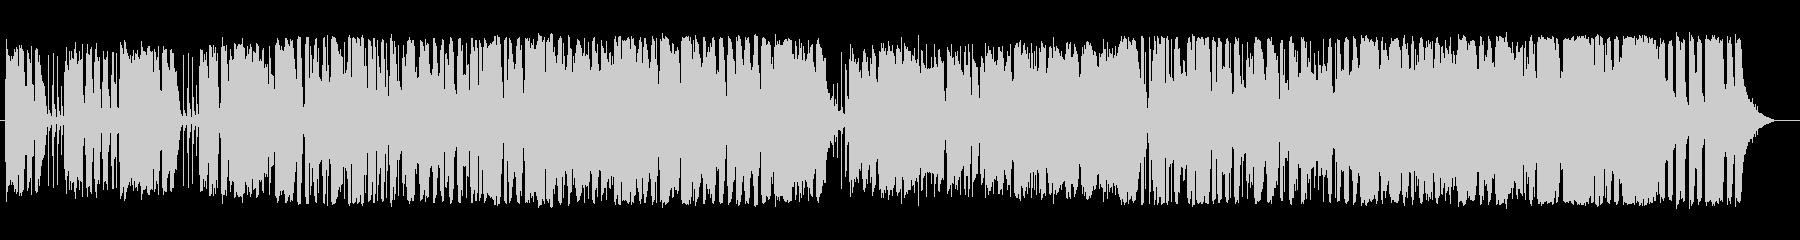 法人 パーカッション ピアノ トロ...の未再生の波形